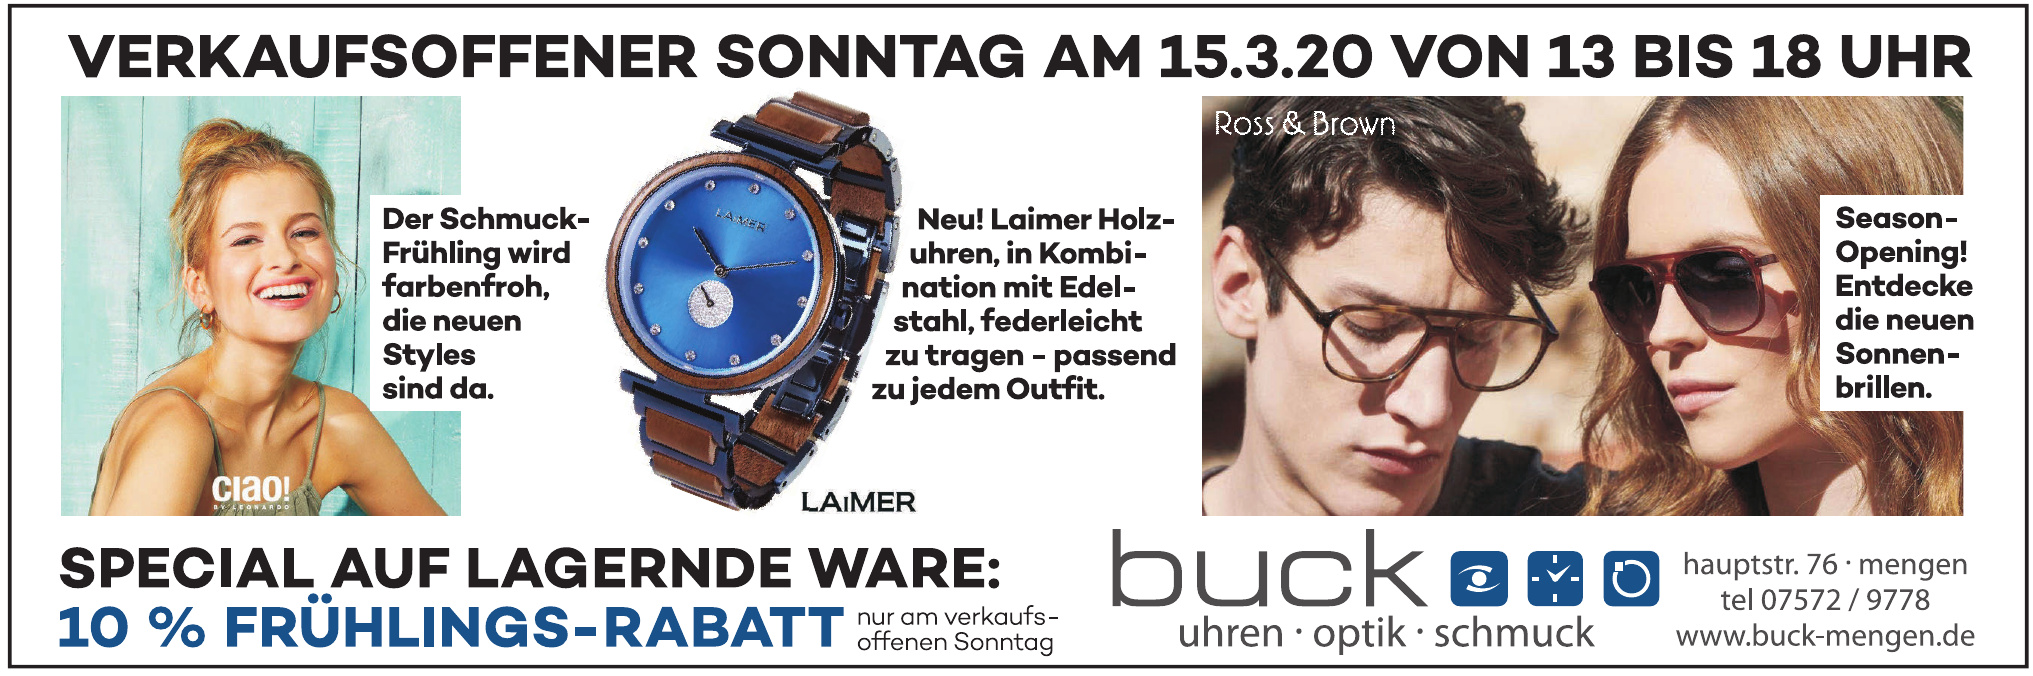 Uhren - Optik - Schmuck Buck